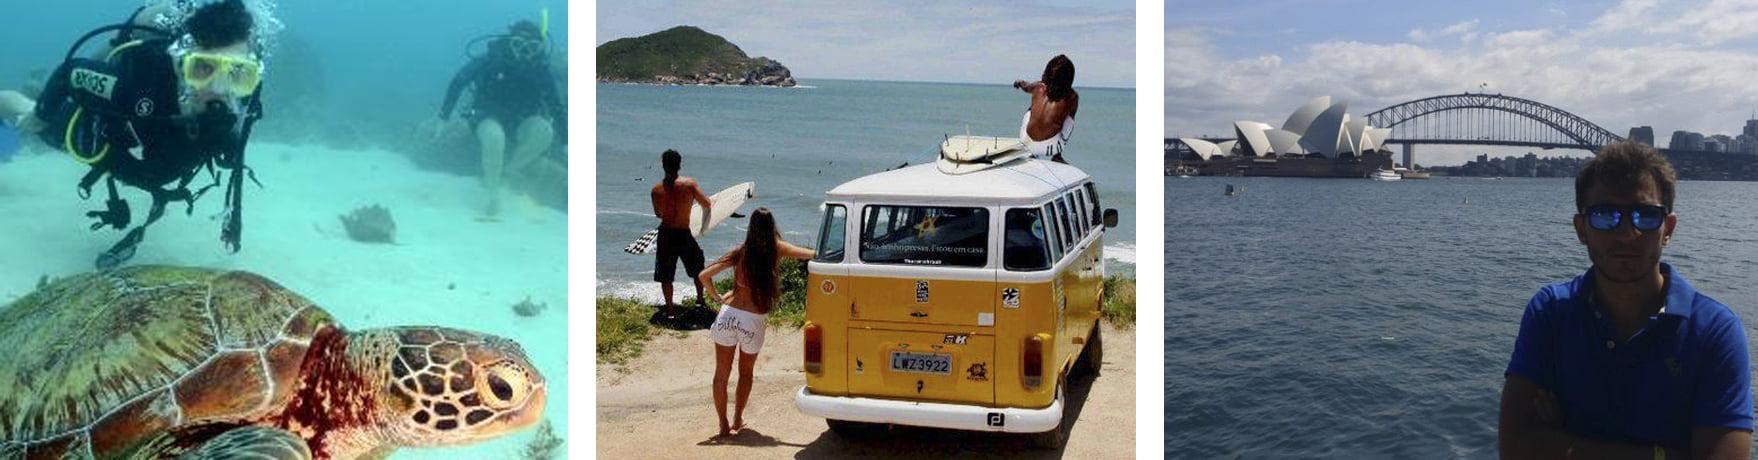 Cairns-Sydney: Como viajar por la costa este en una Van